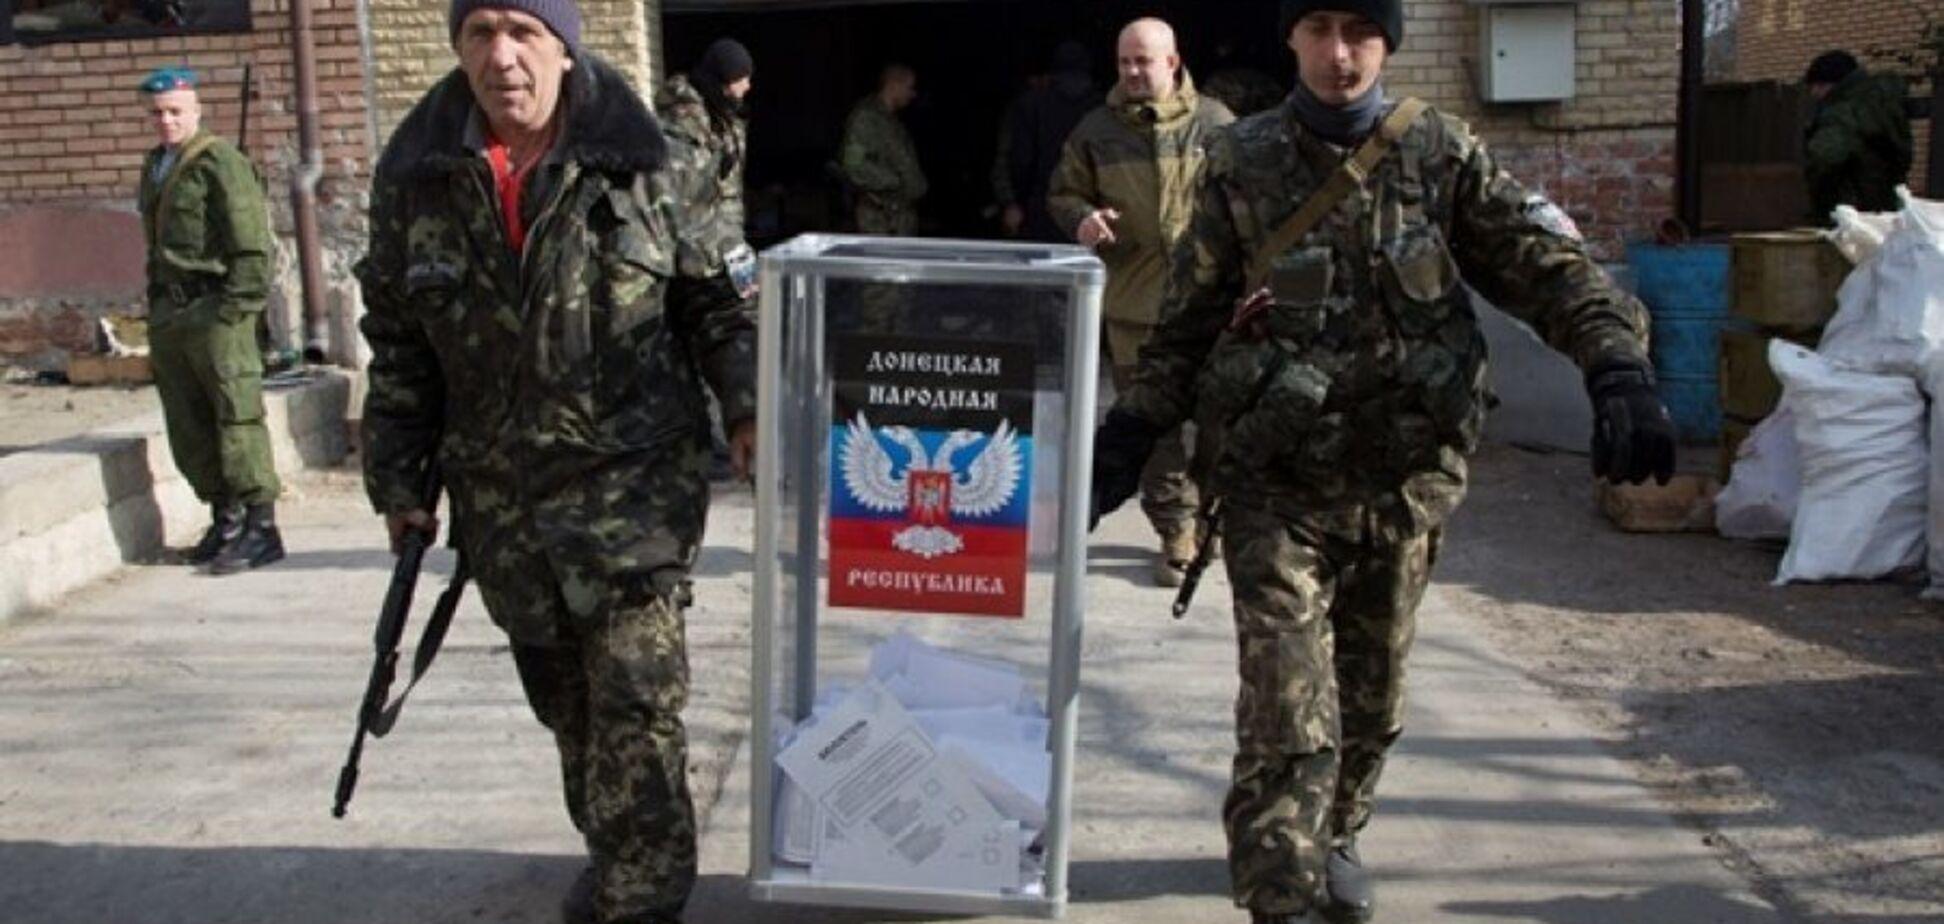 ''Вибори як шантаж'': блогер пояснив план Росії щодо Донбасу